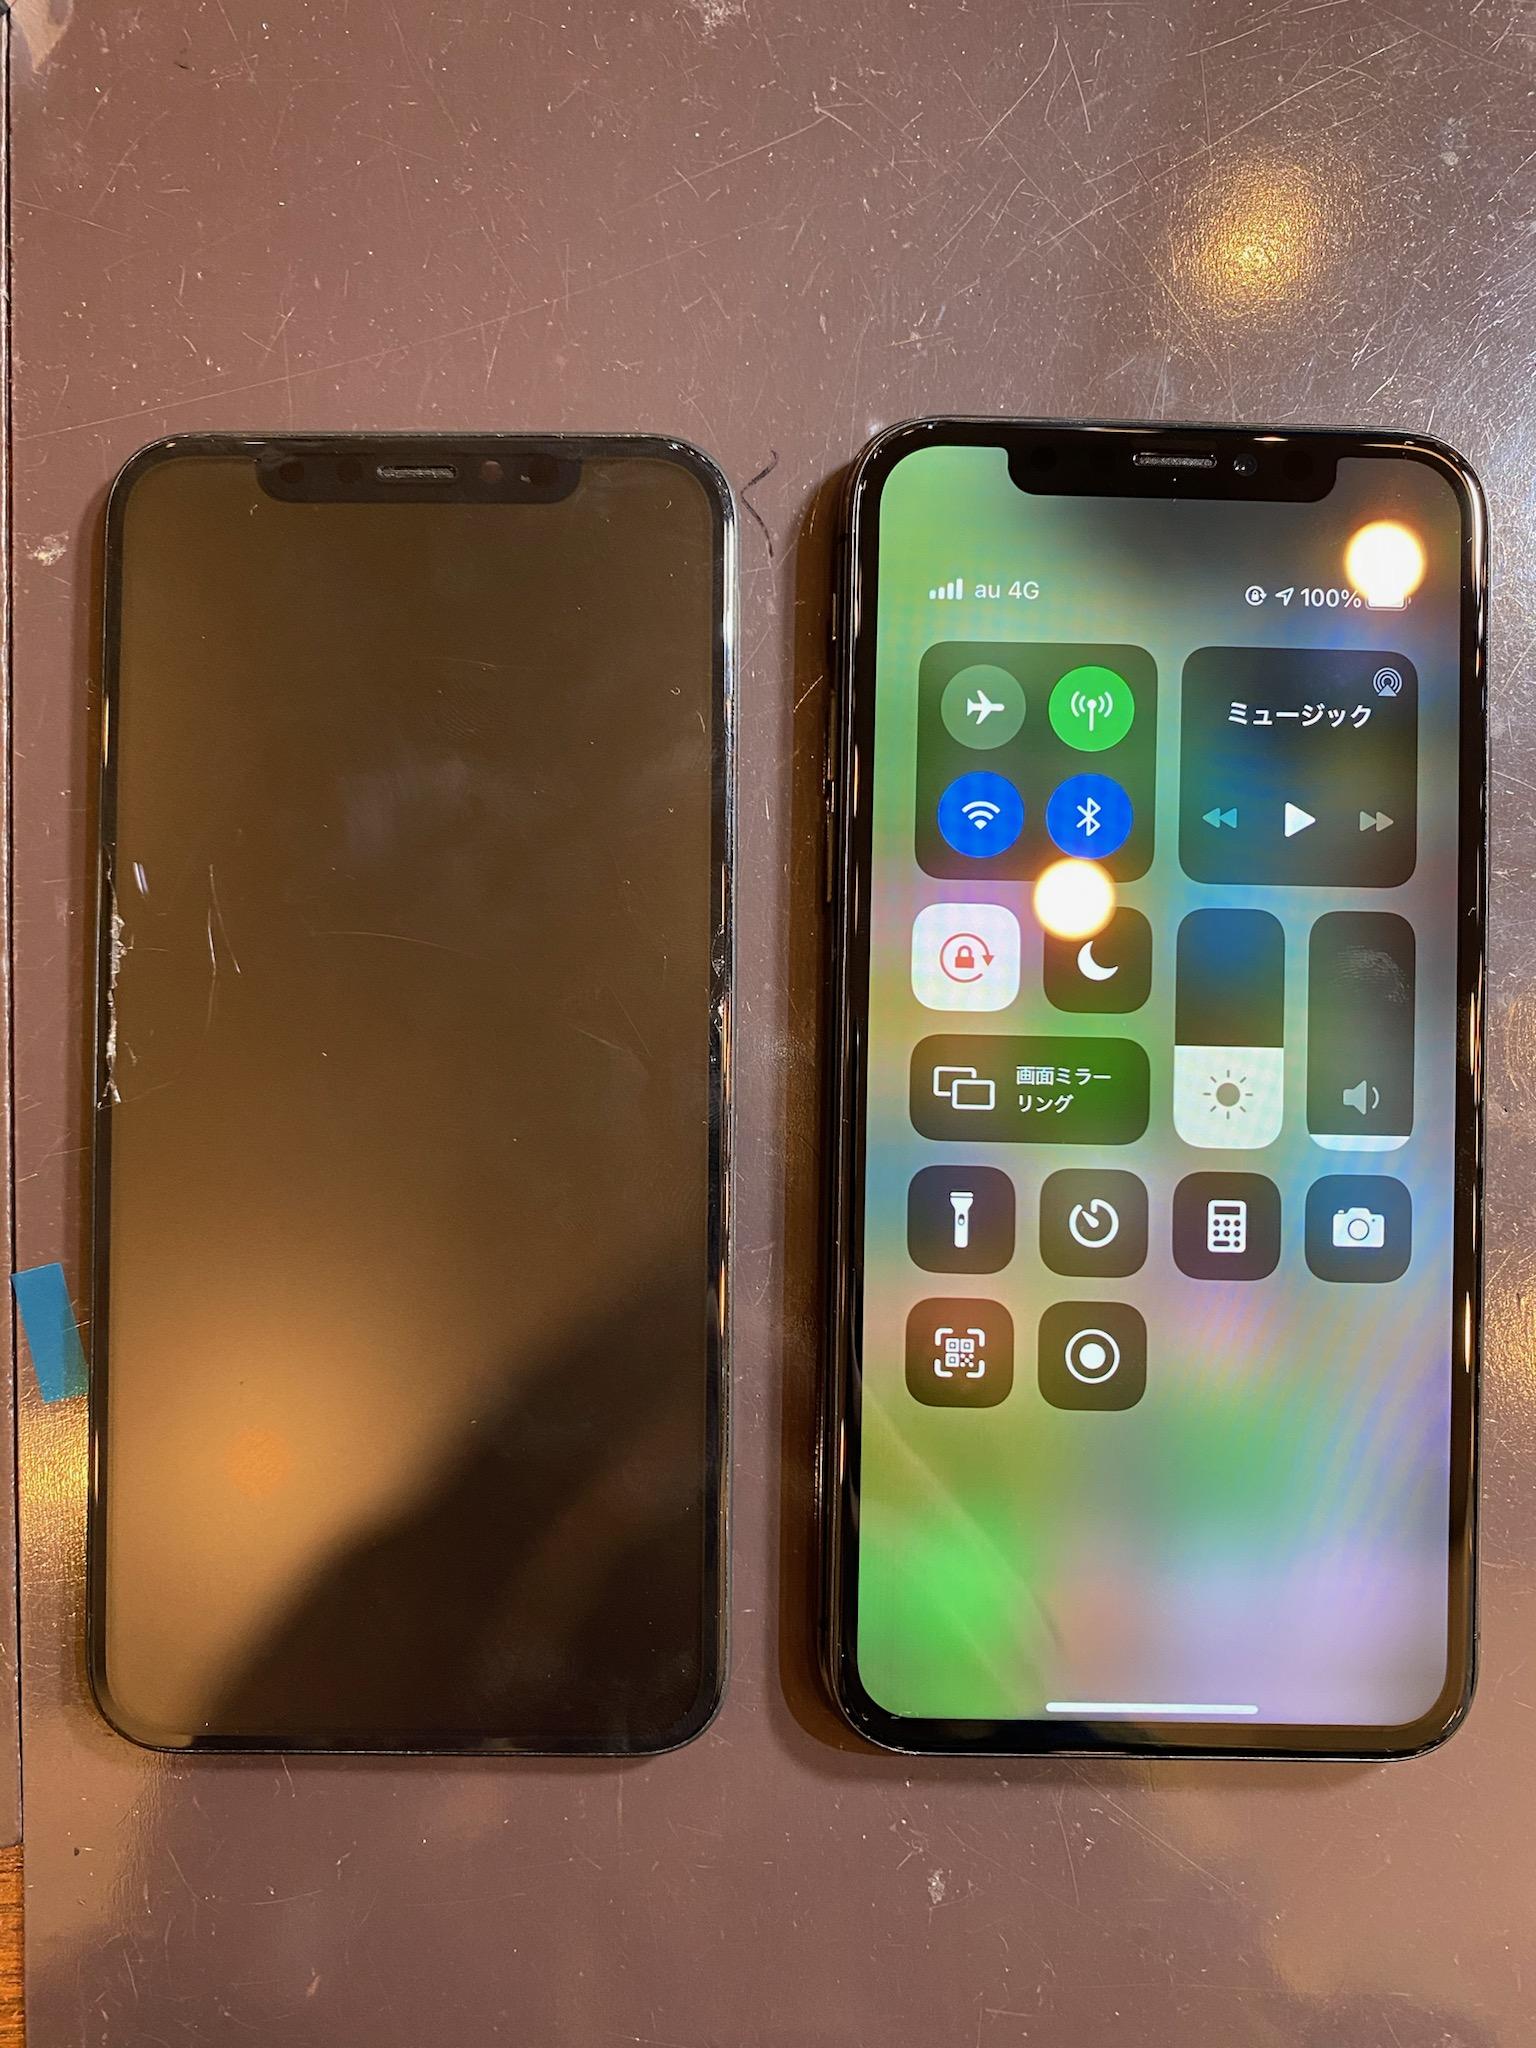 【iPhoneXS画面修理】川西−画面割れなら最短約30分お預かりで完了のスマートクールつかしん店へ!ヒ